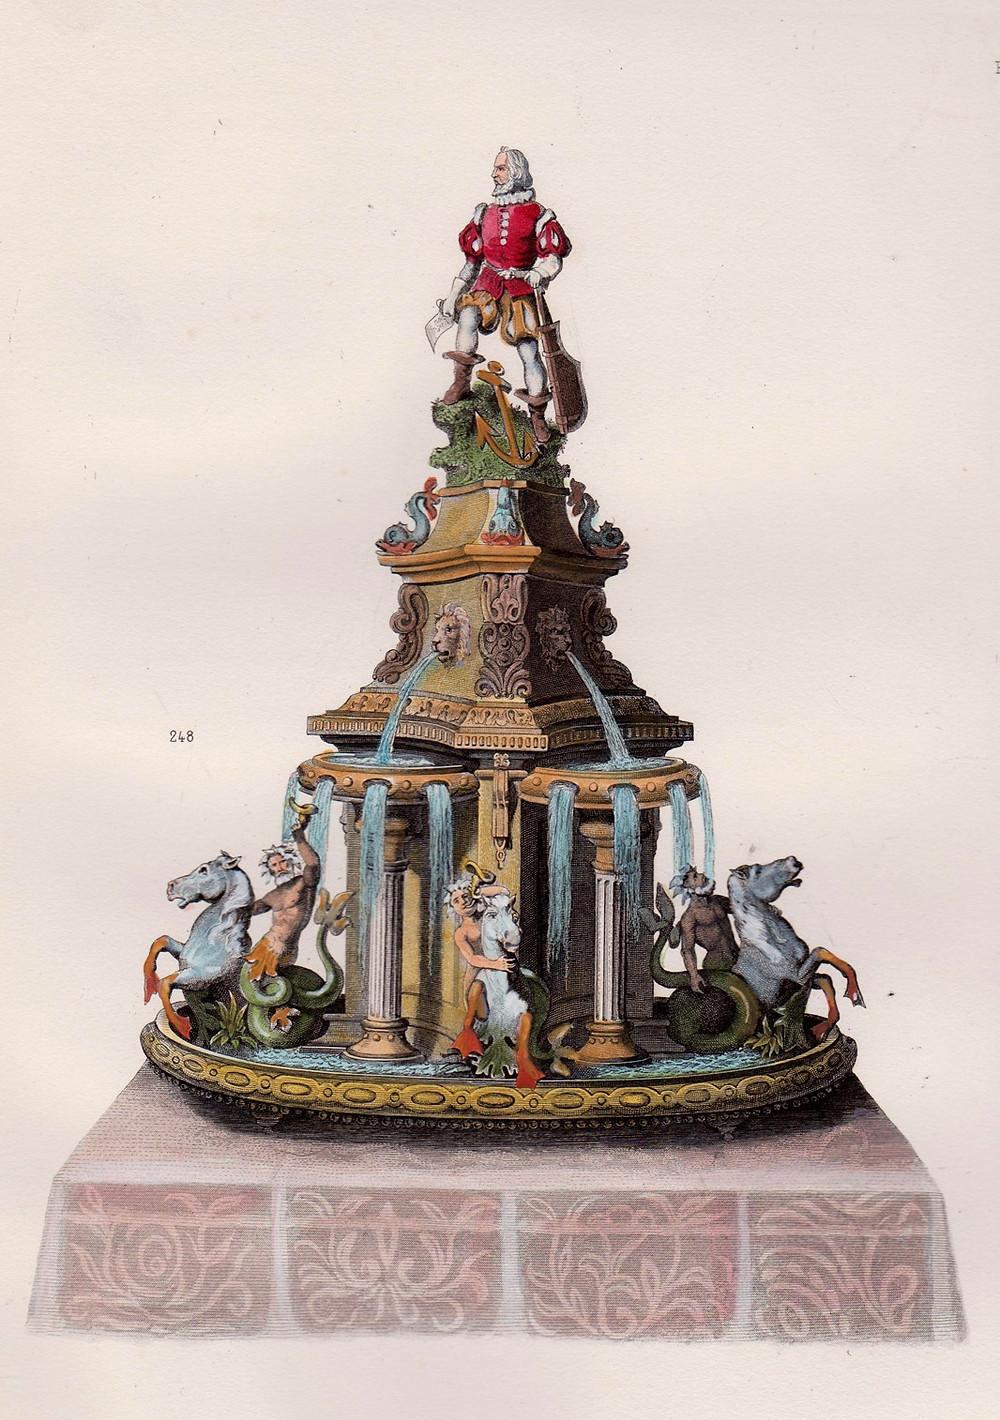 Pièce montée, peça decorativa de confeitaria usada em banquetes reais. Ilustração do livro Cuisine Artistique de Urbain Dubois, 1872.